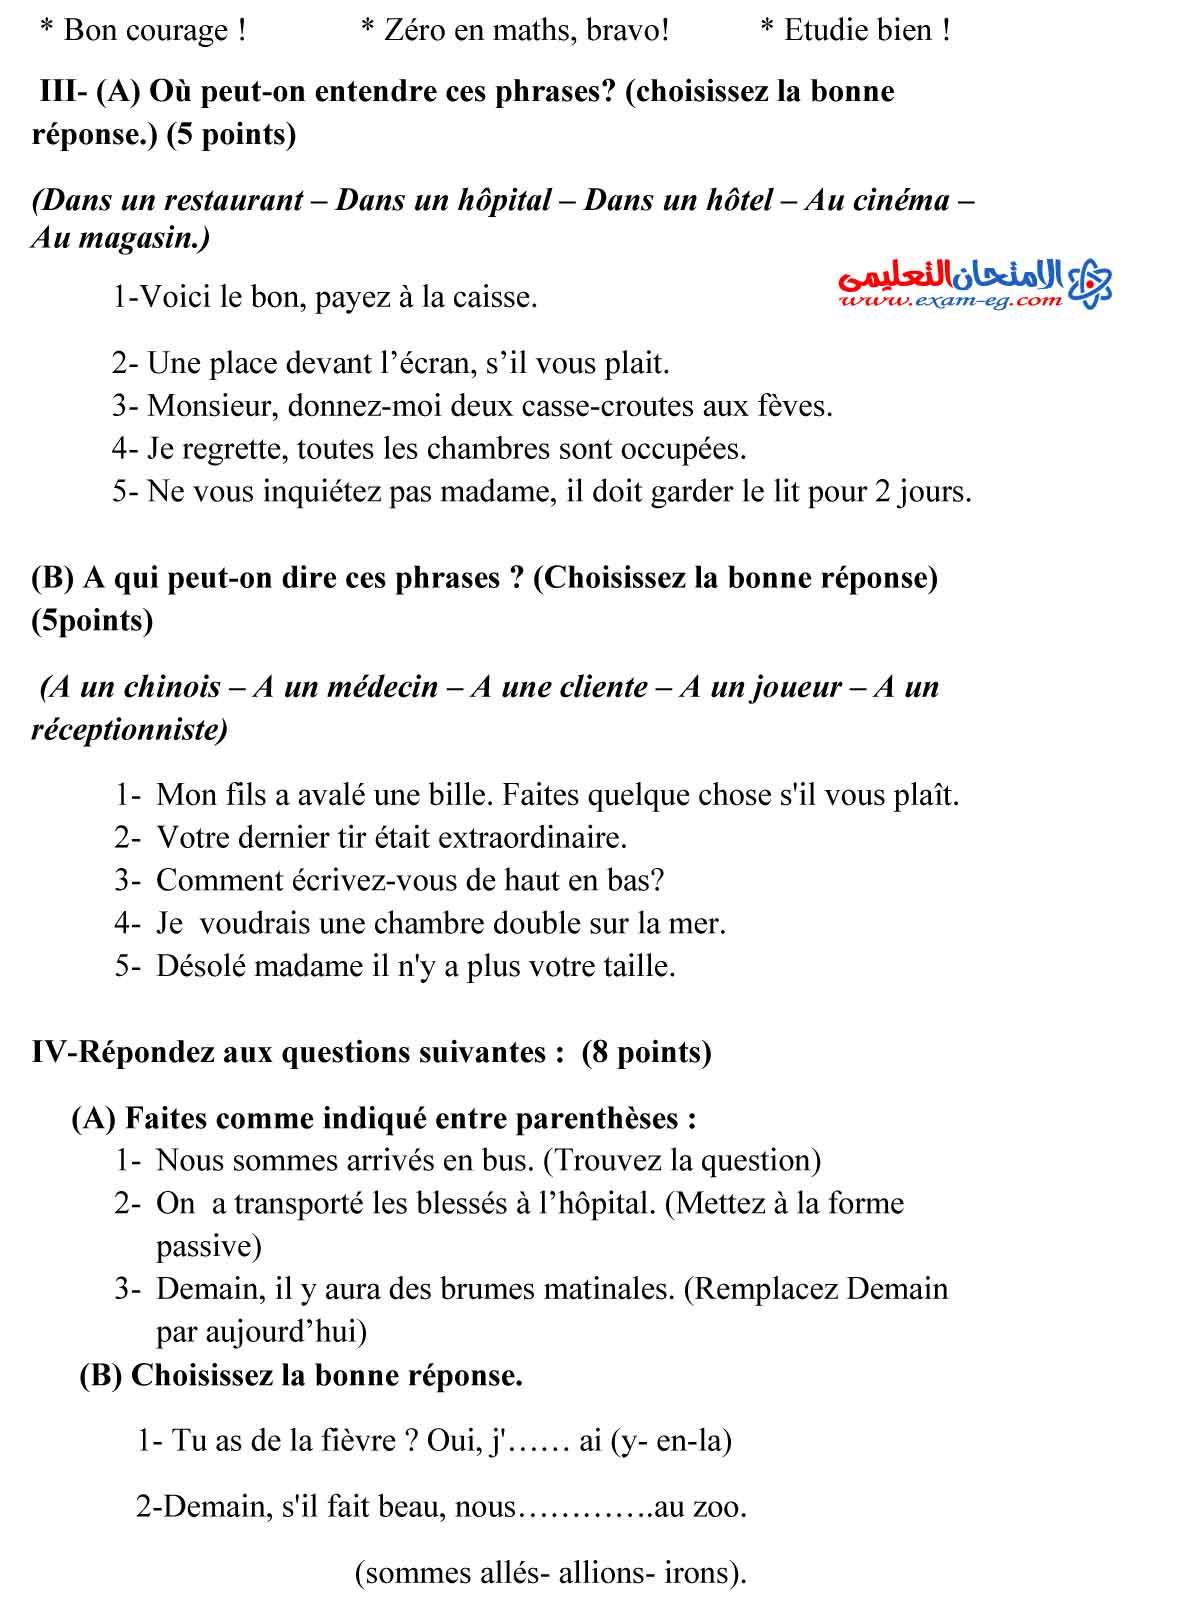 لغة فرنسية 4 - مدرسة اون لاين-3